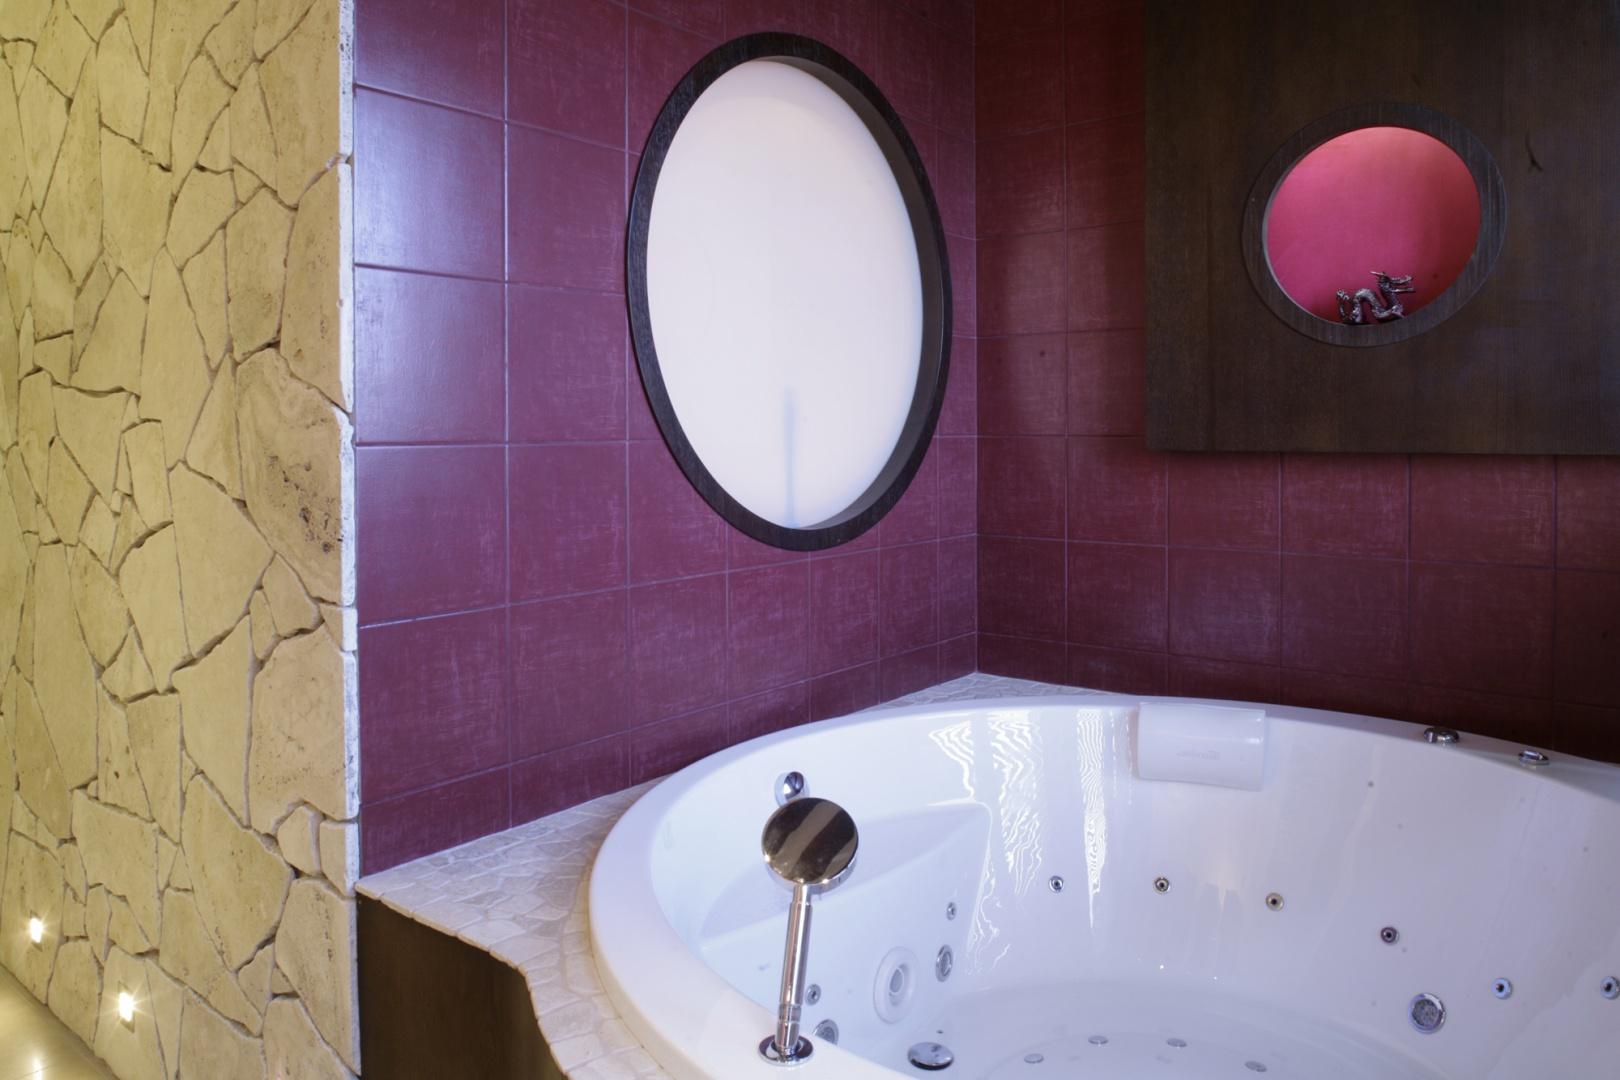 Przez okrągłe okienko wypełnione mlecznym szkłem, wpada światło do znajdującej się za ścianą toalety. Fot. Monika Filipiuk.